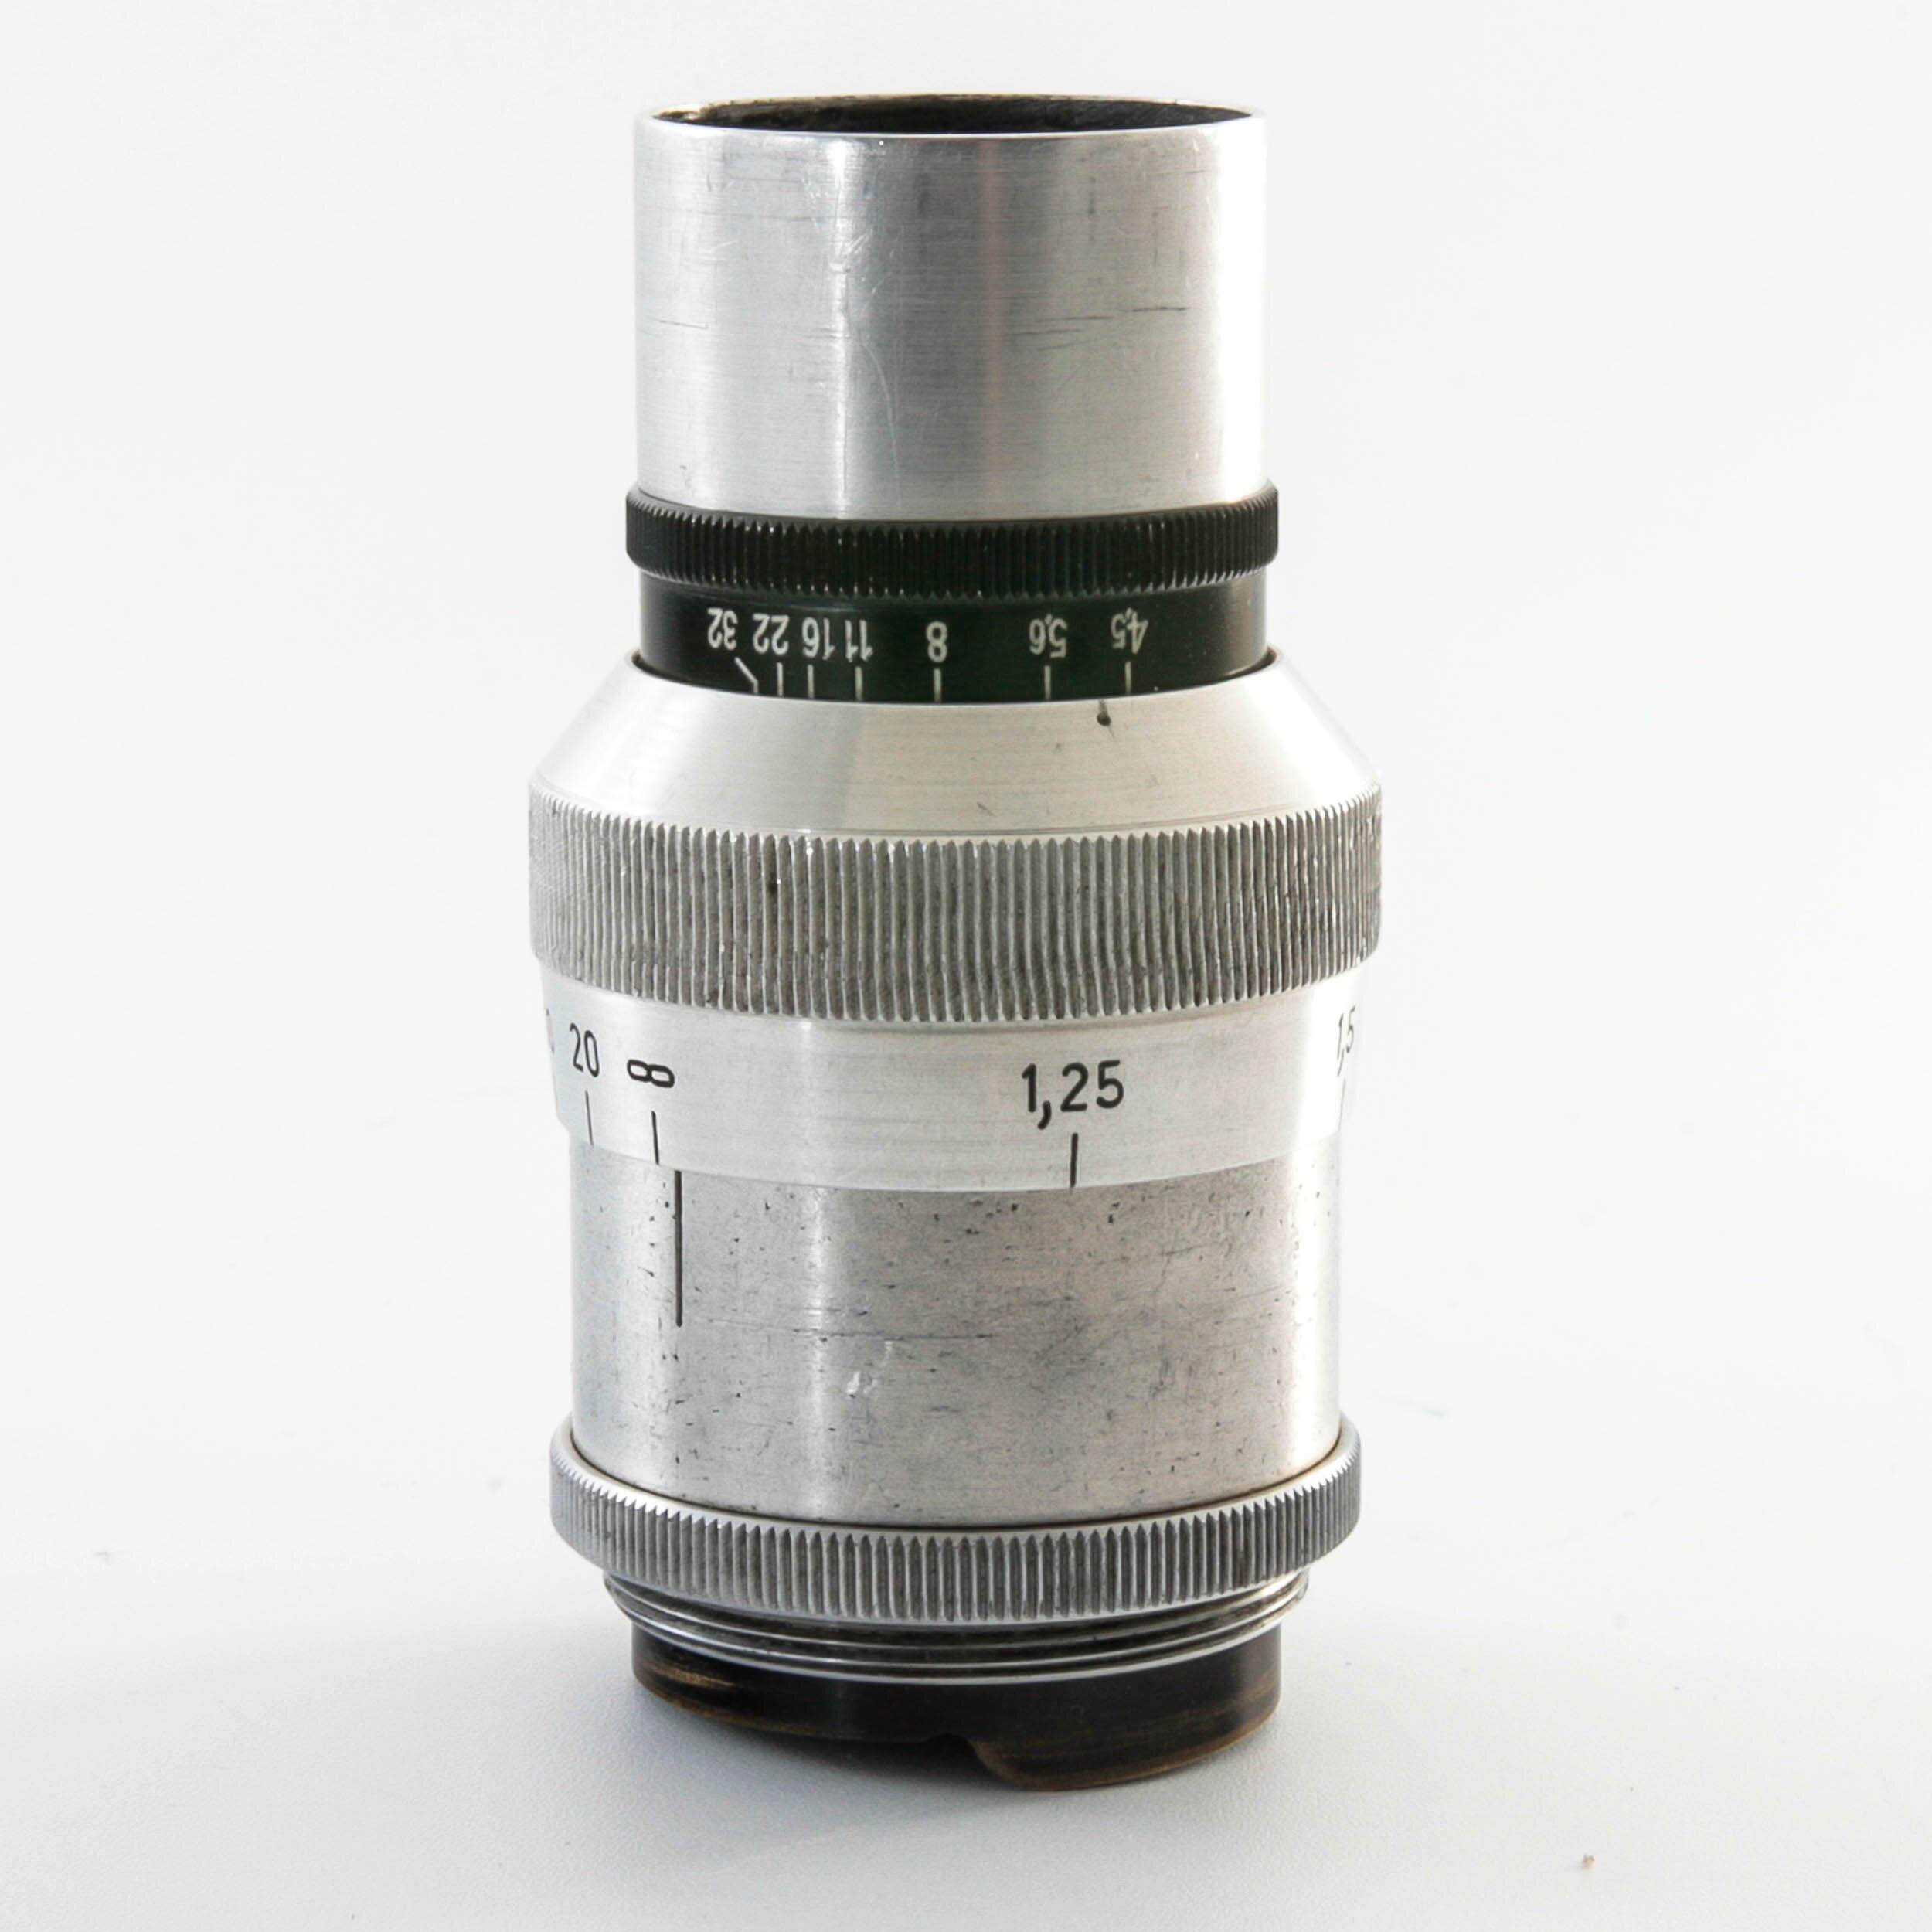 Carl Zeiss Tessar 7,5cm F1:4.5 M39 mit Kupplung